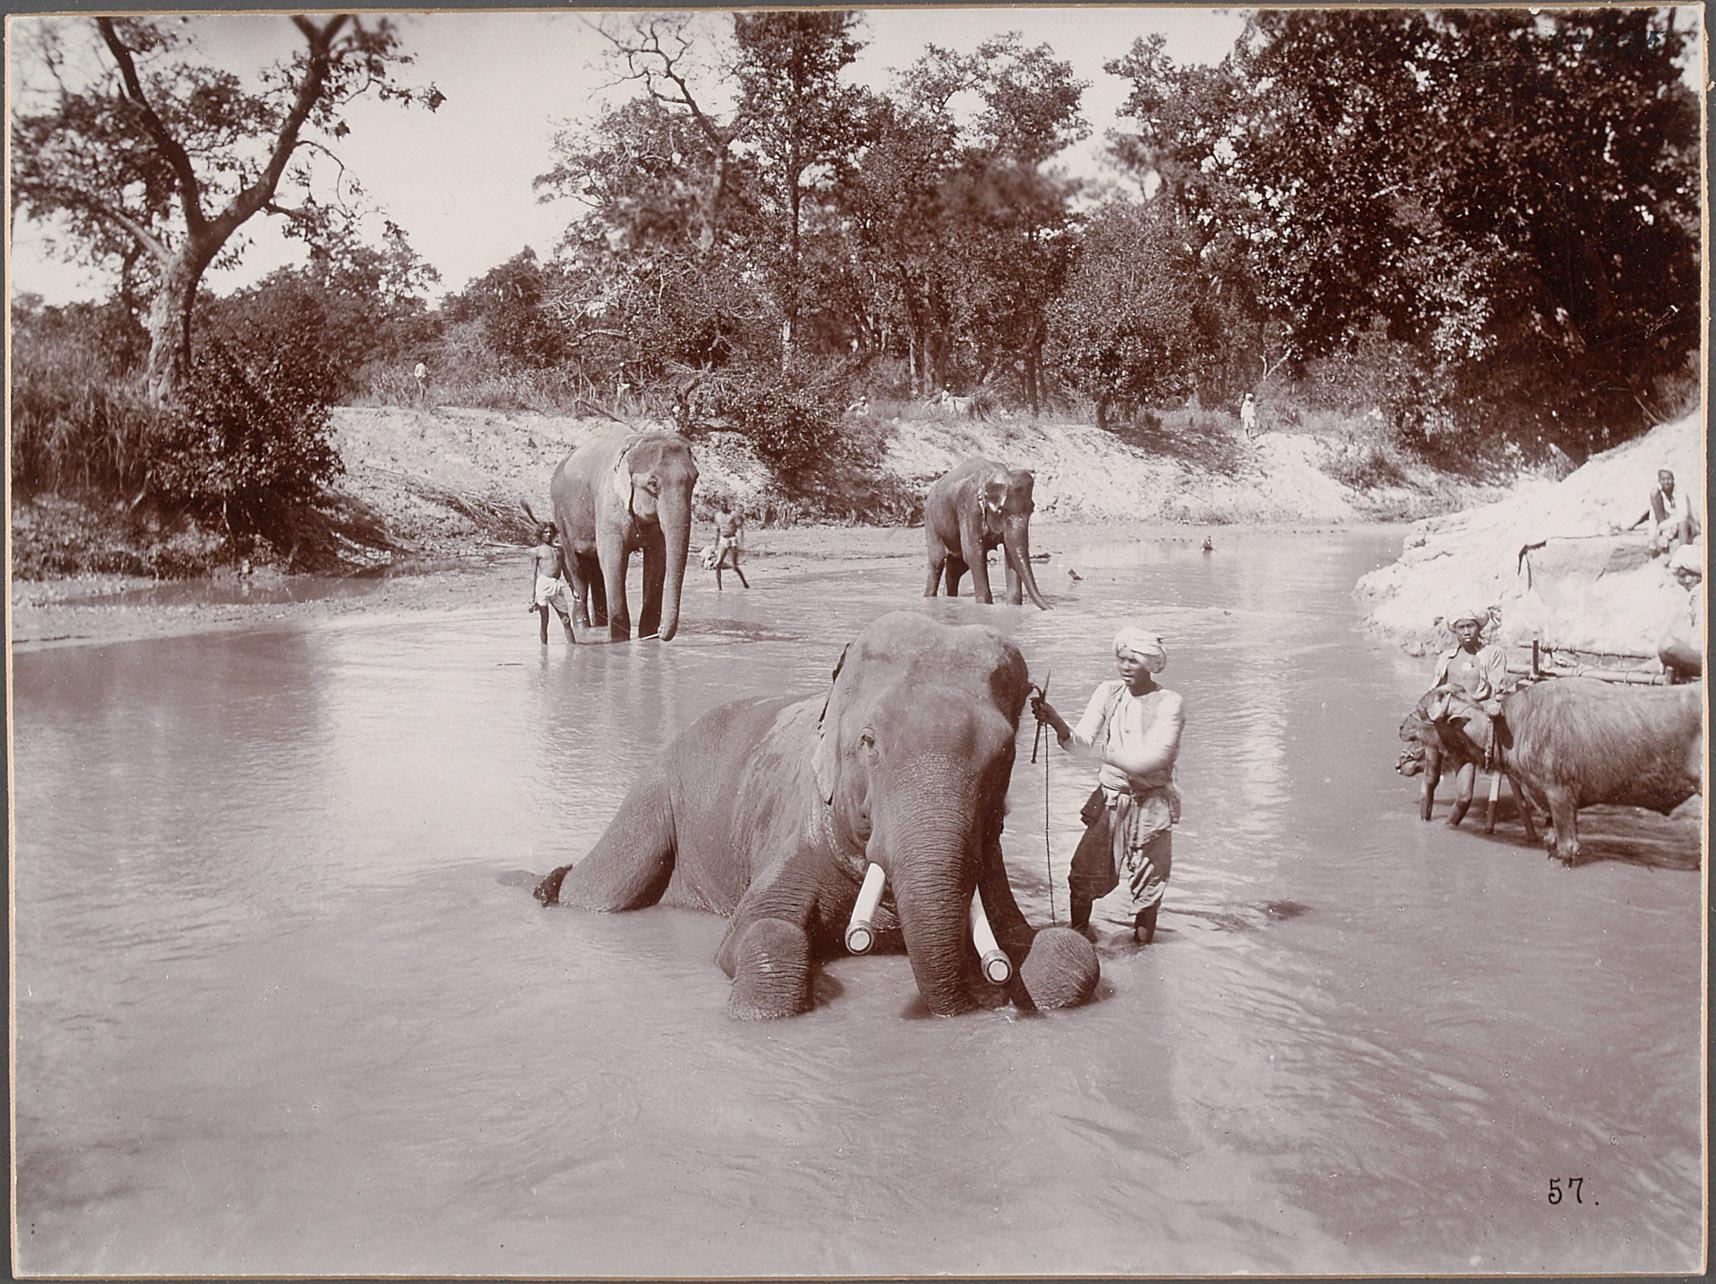 Katni-Camp, Elefanten im Bad von Eduard Hodek jun.